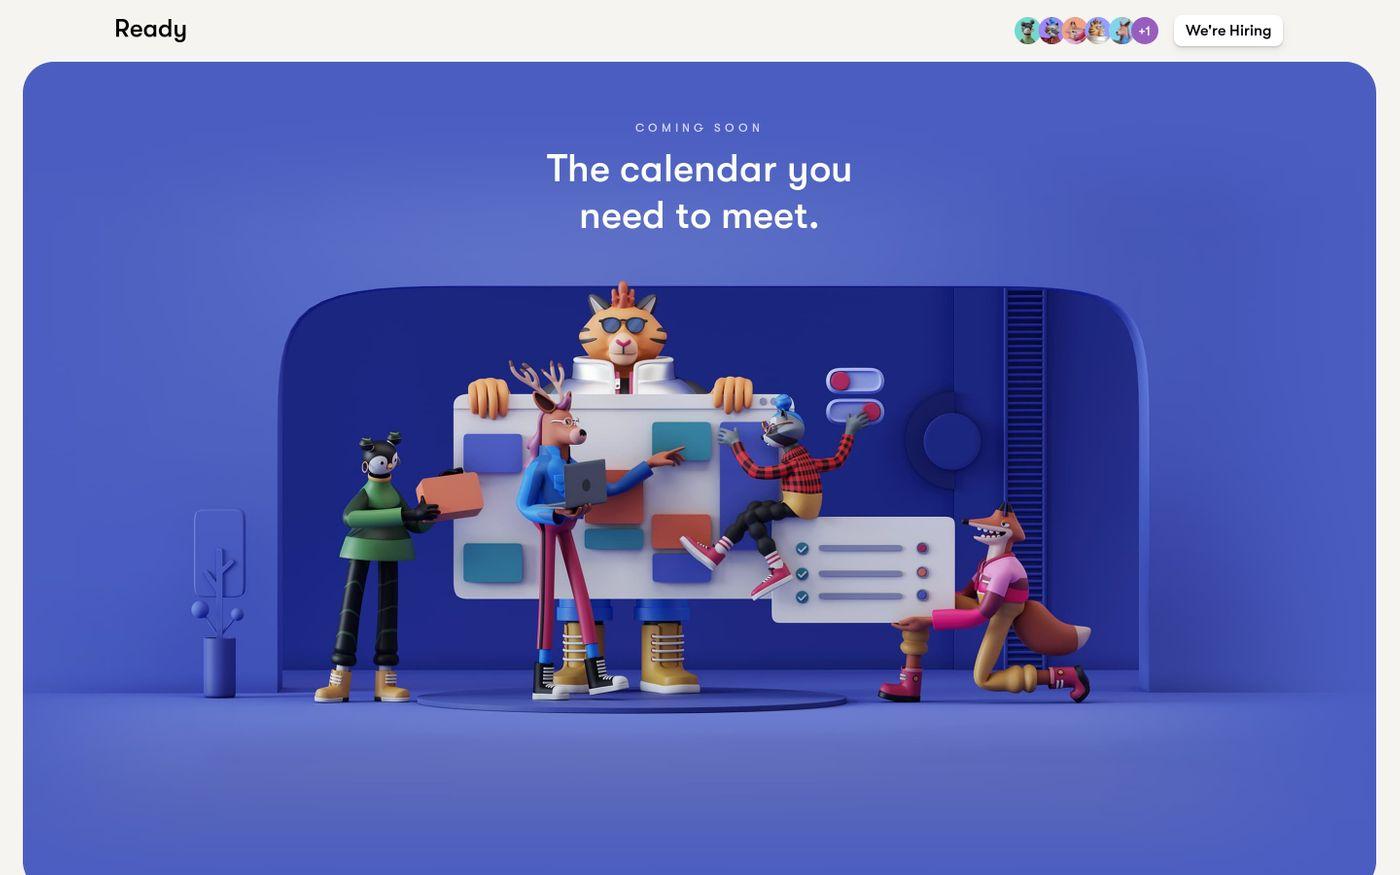 Screenshot of Ready website